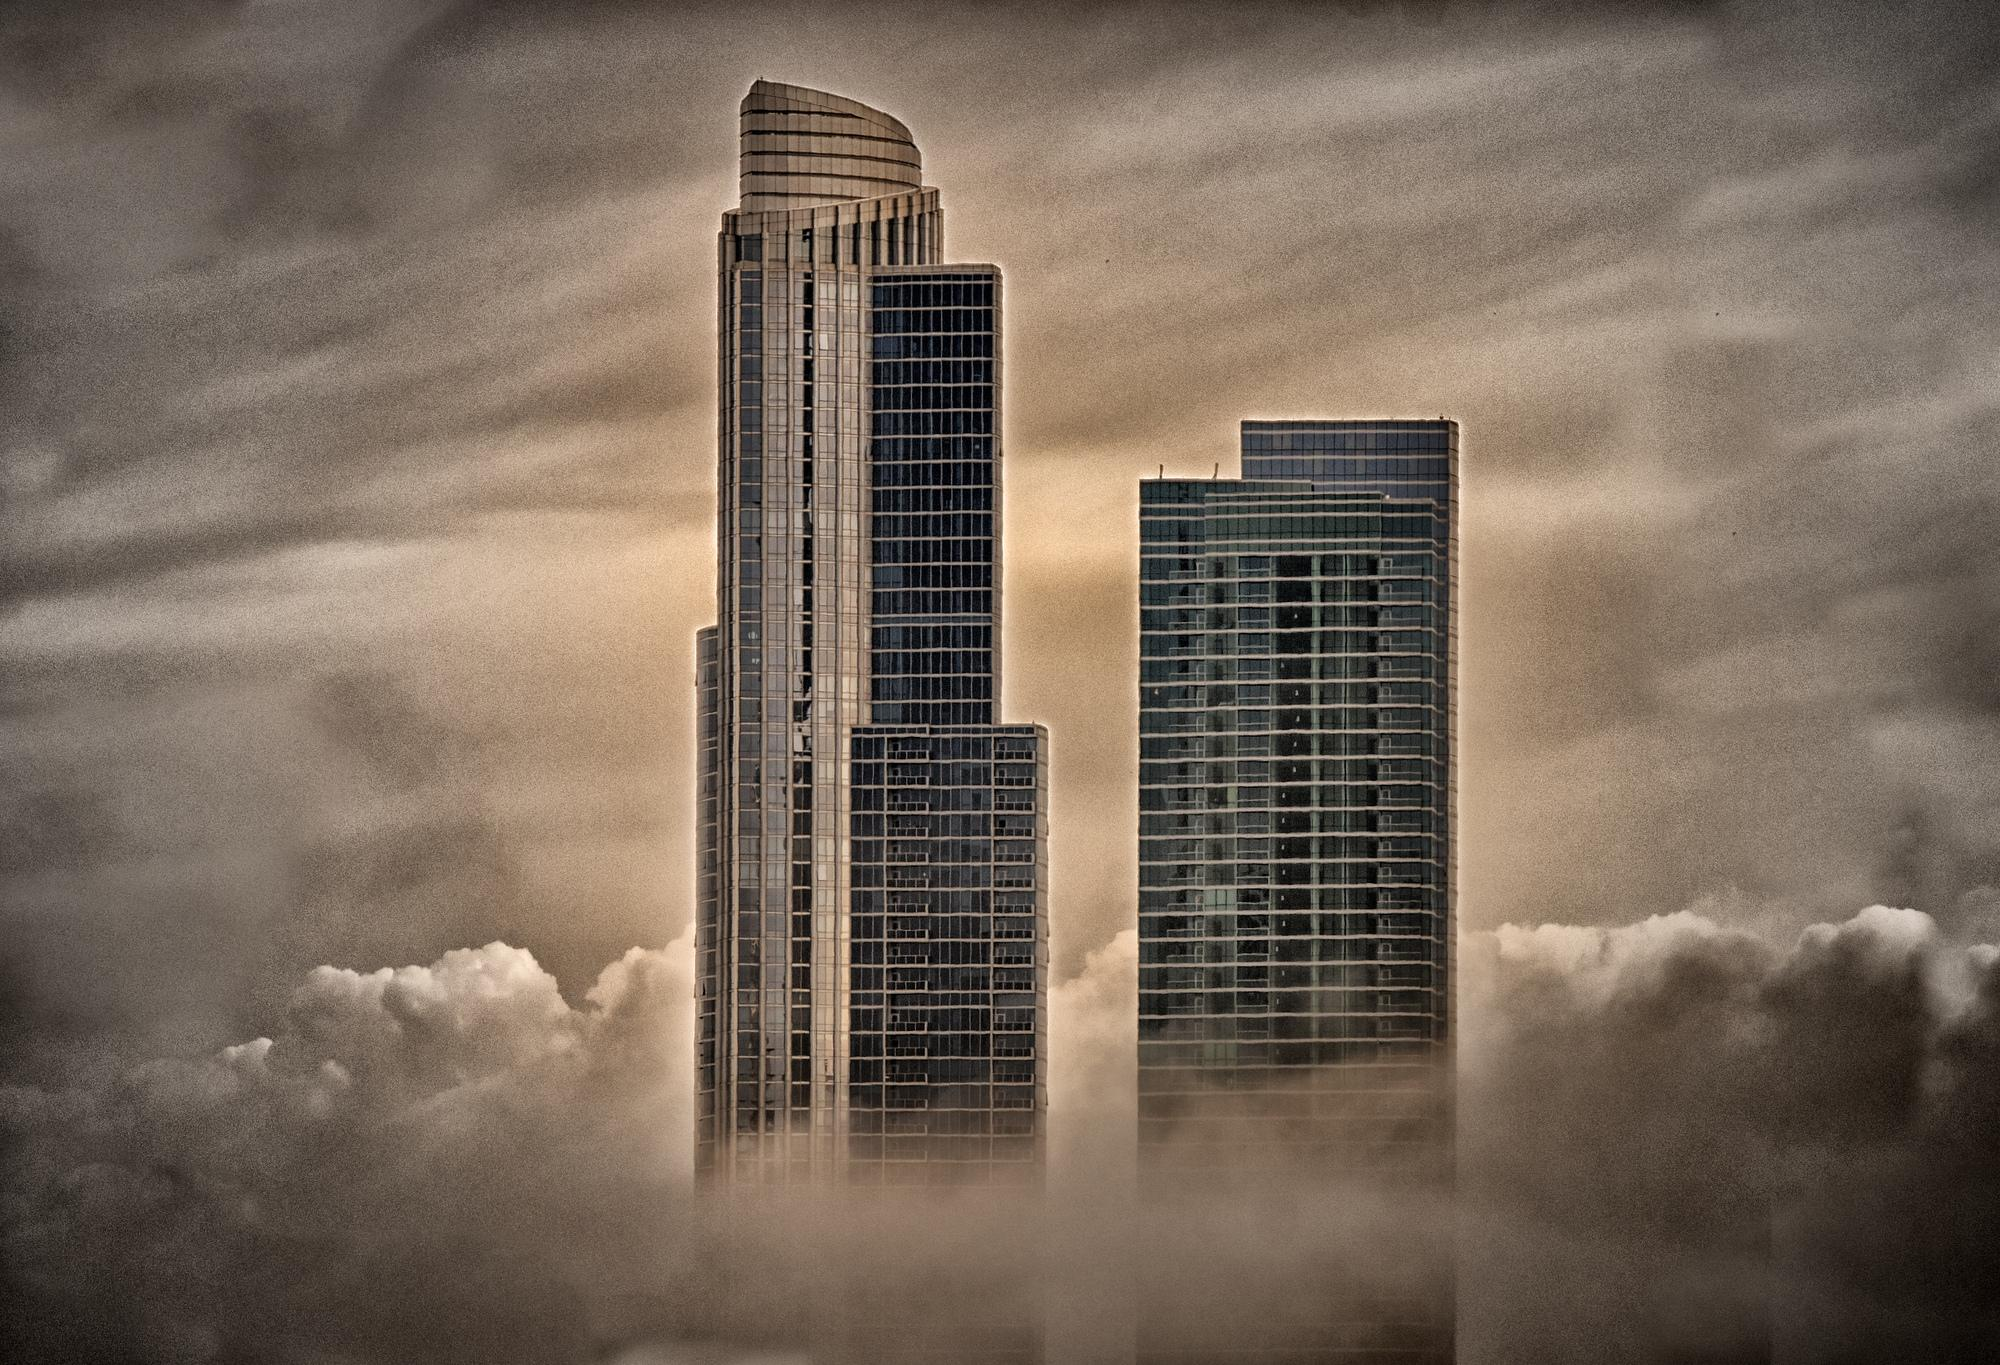 City in the sky